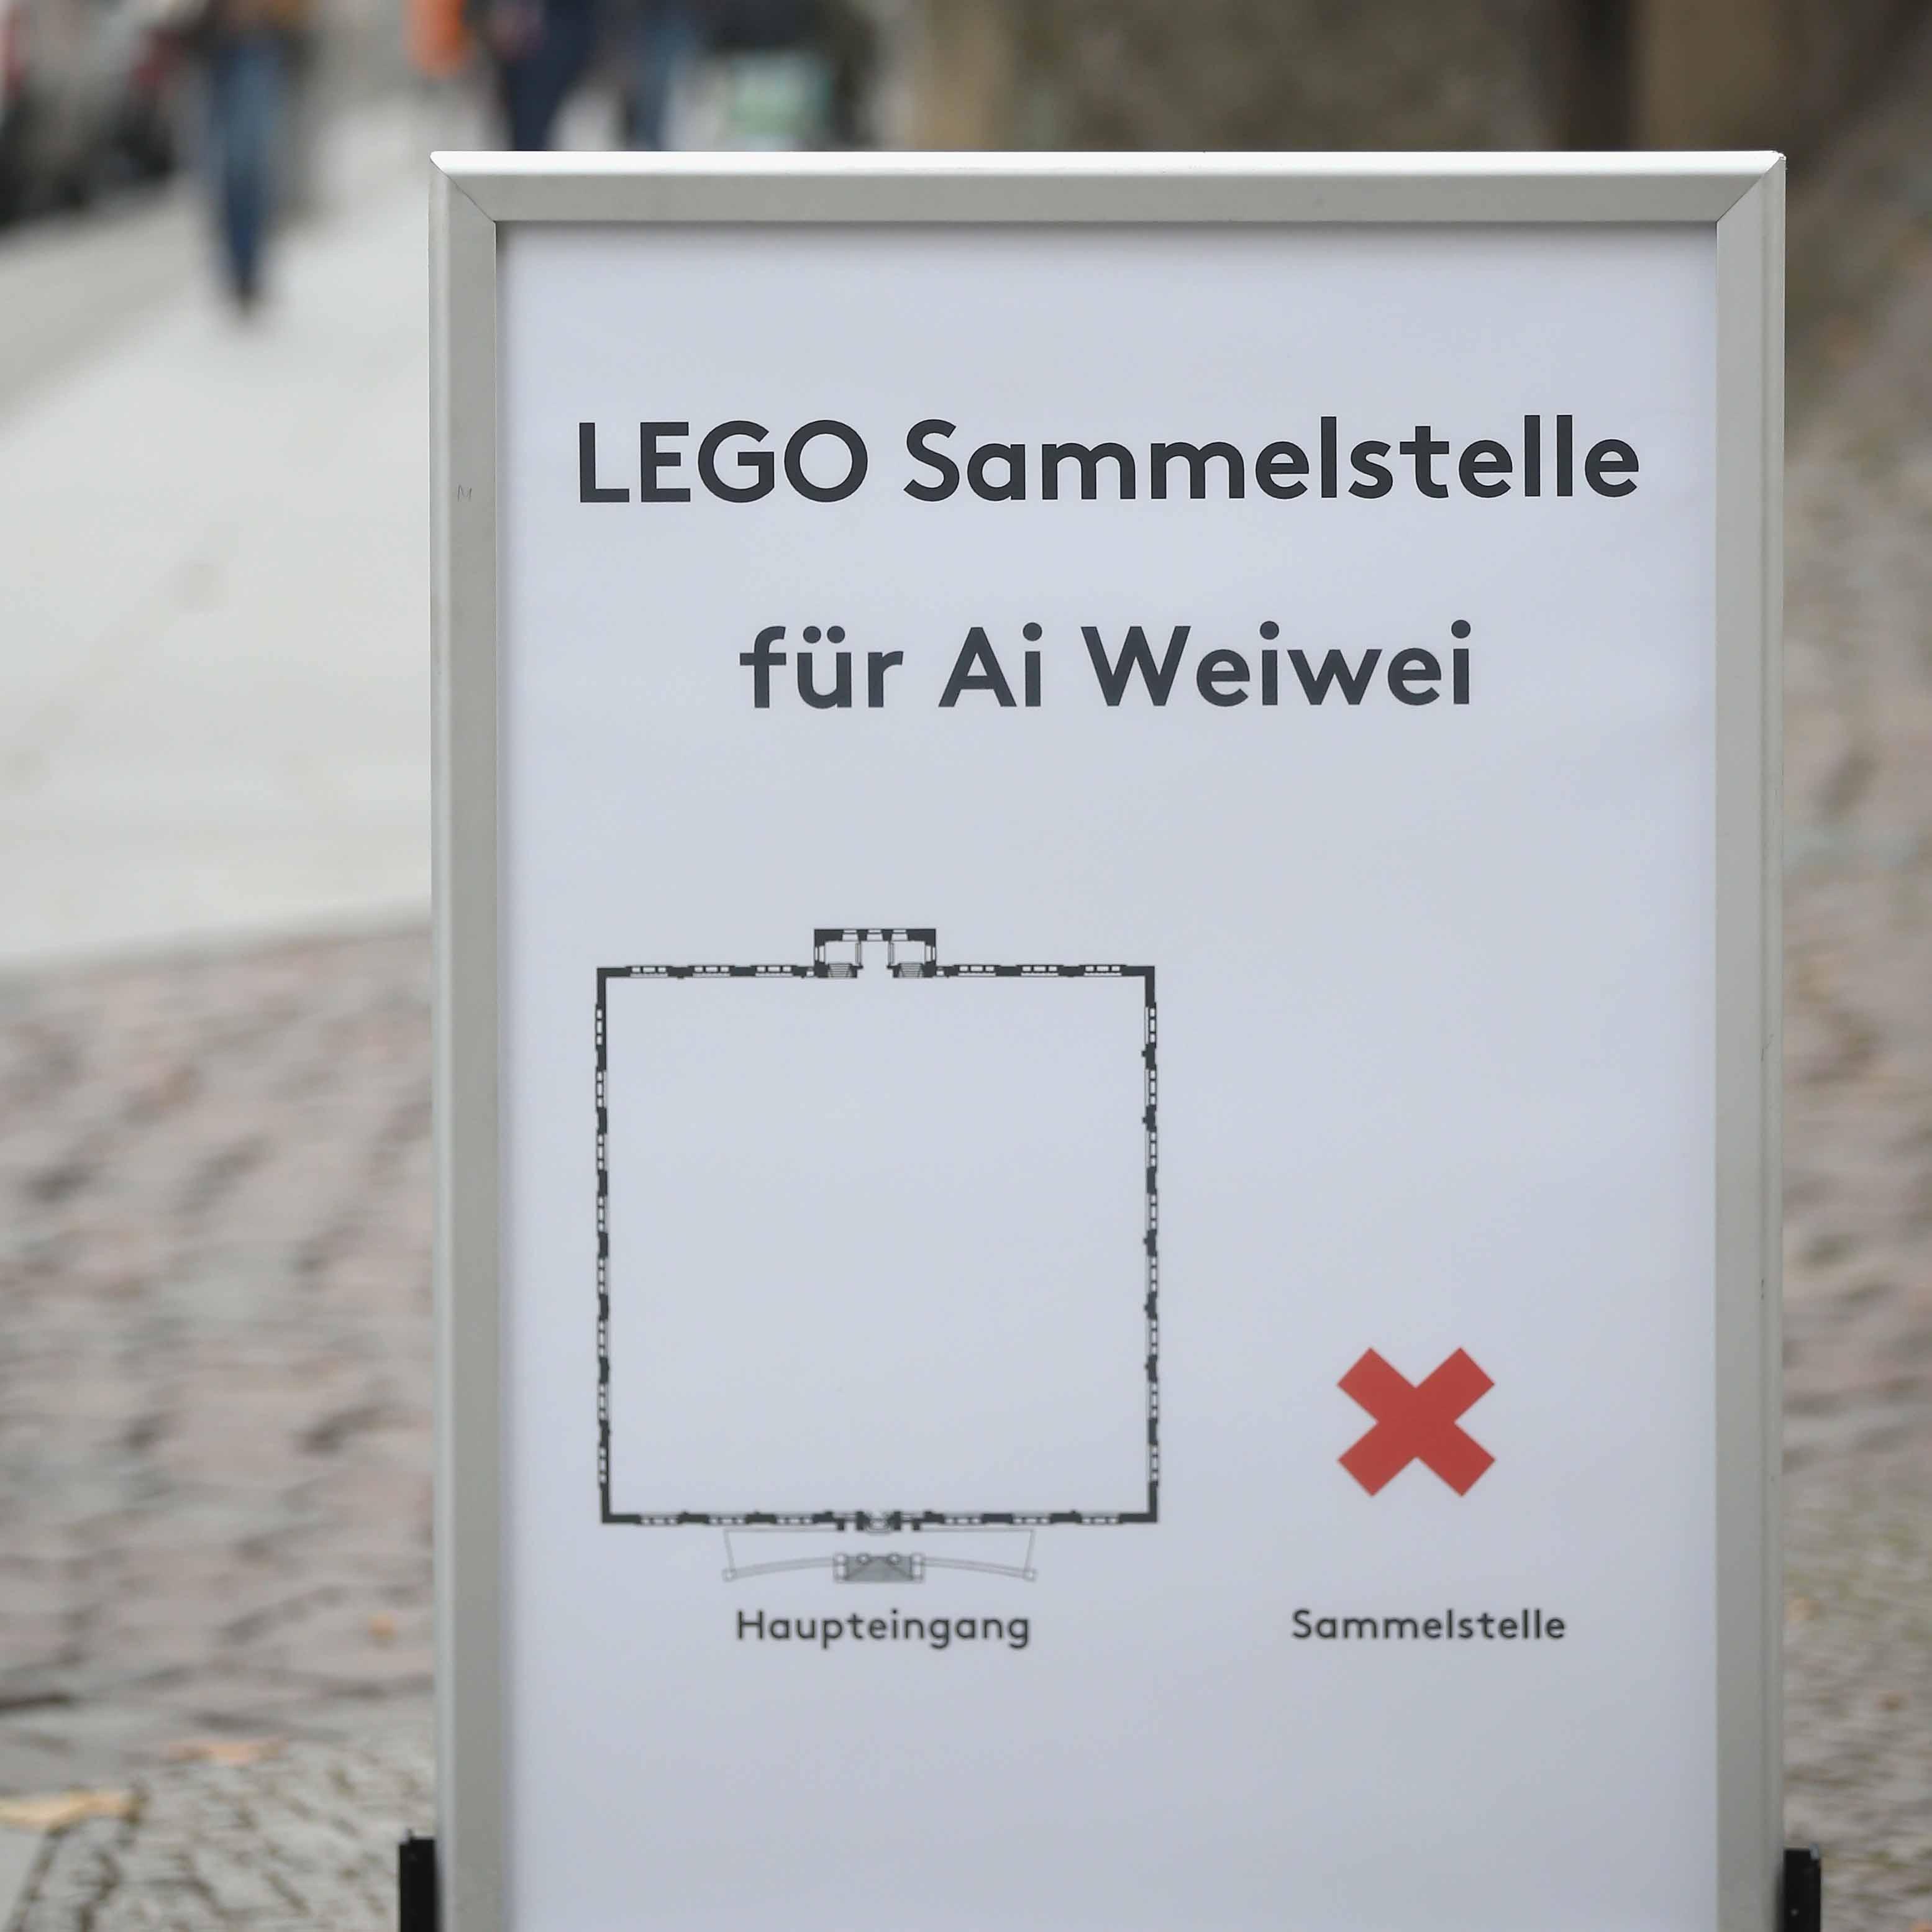 10月31日,德國柏林一所美術館在門外豎立告示牌,公開收集LEGO給艾未未。攝:Sean Gallup/GETTY